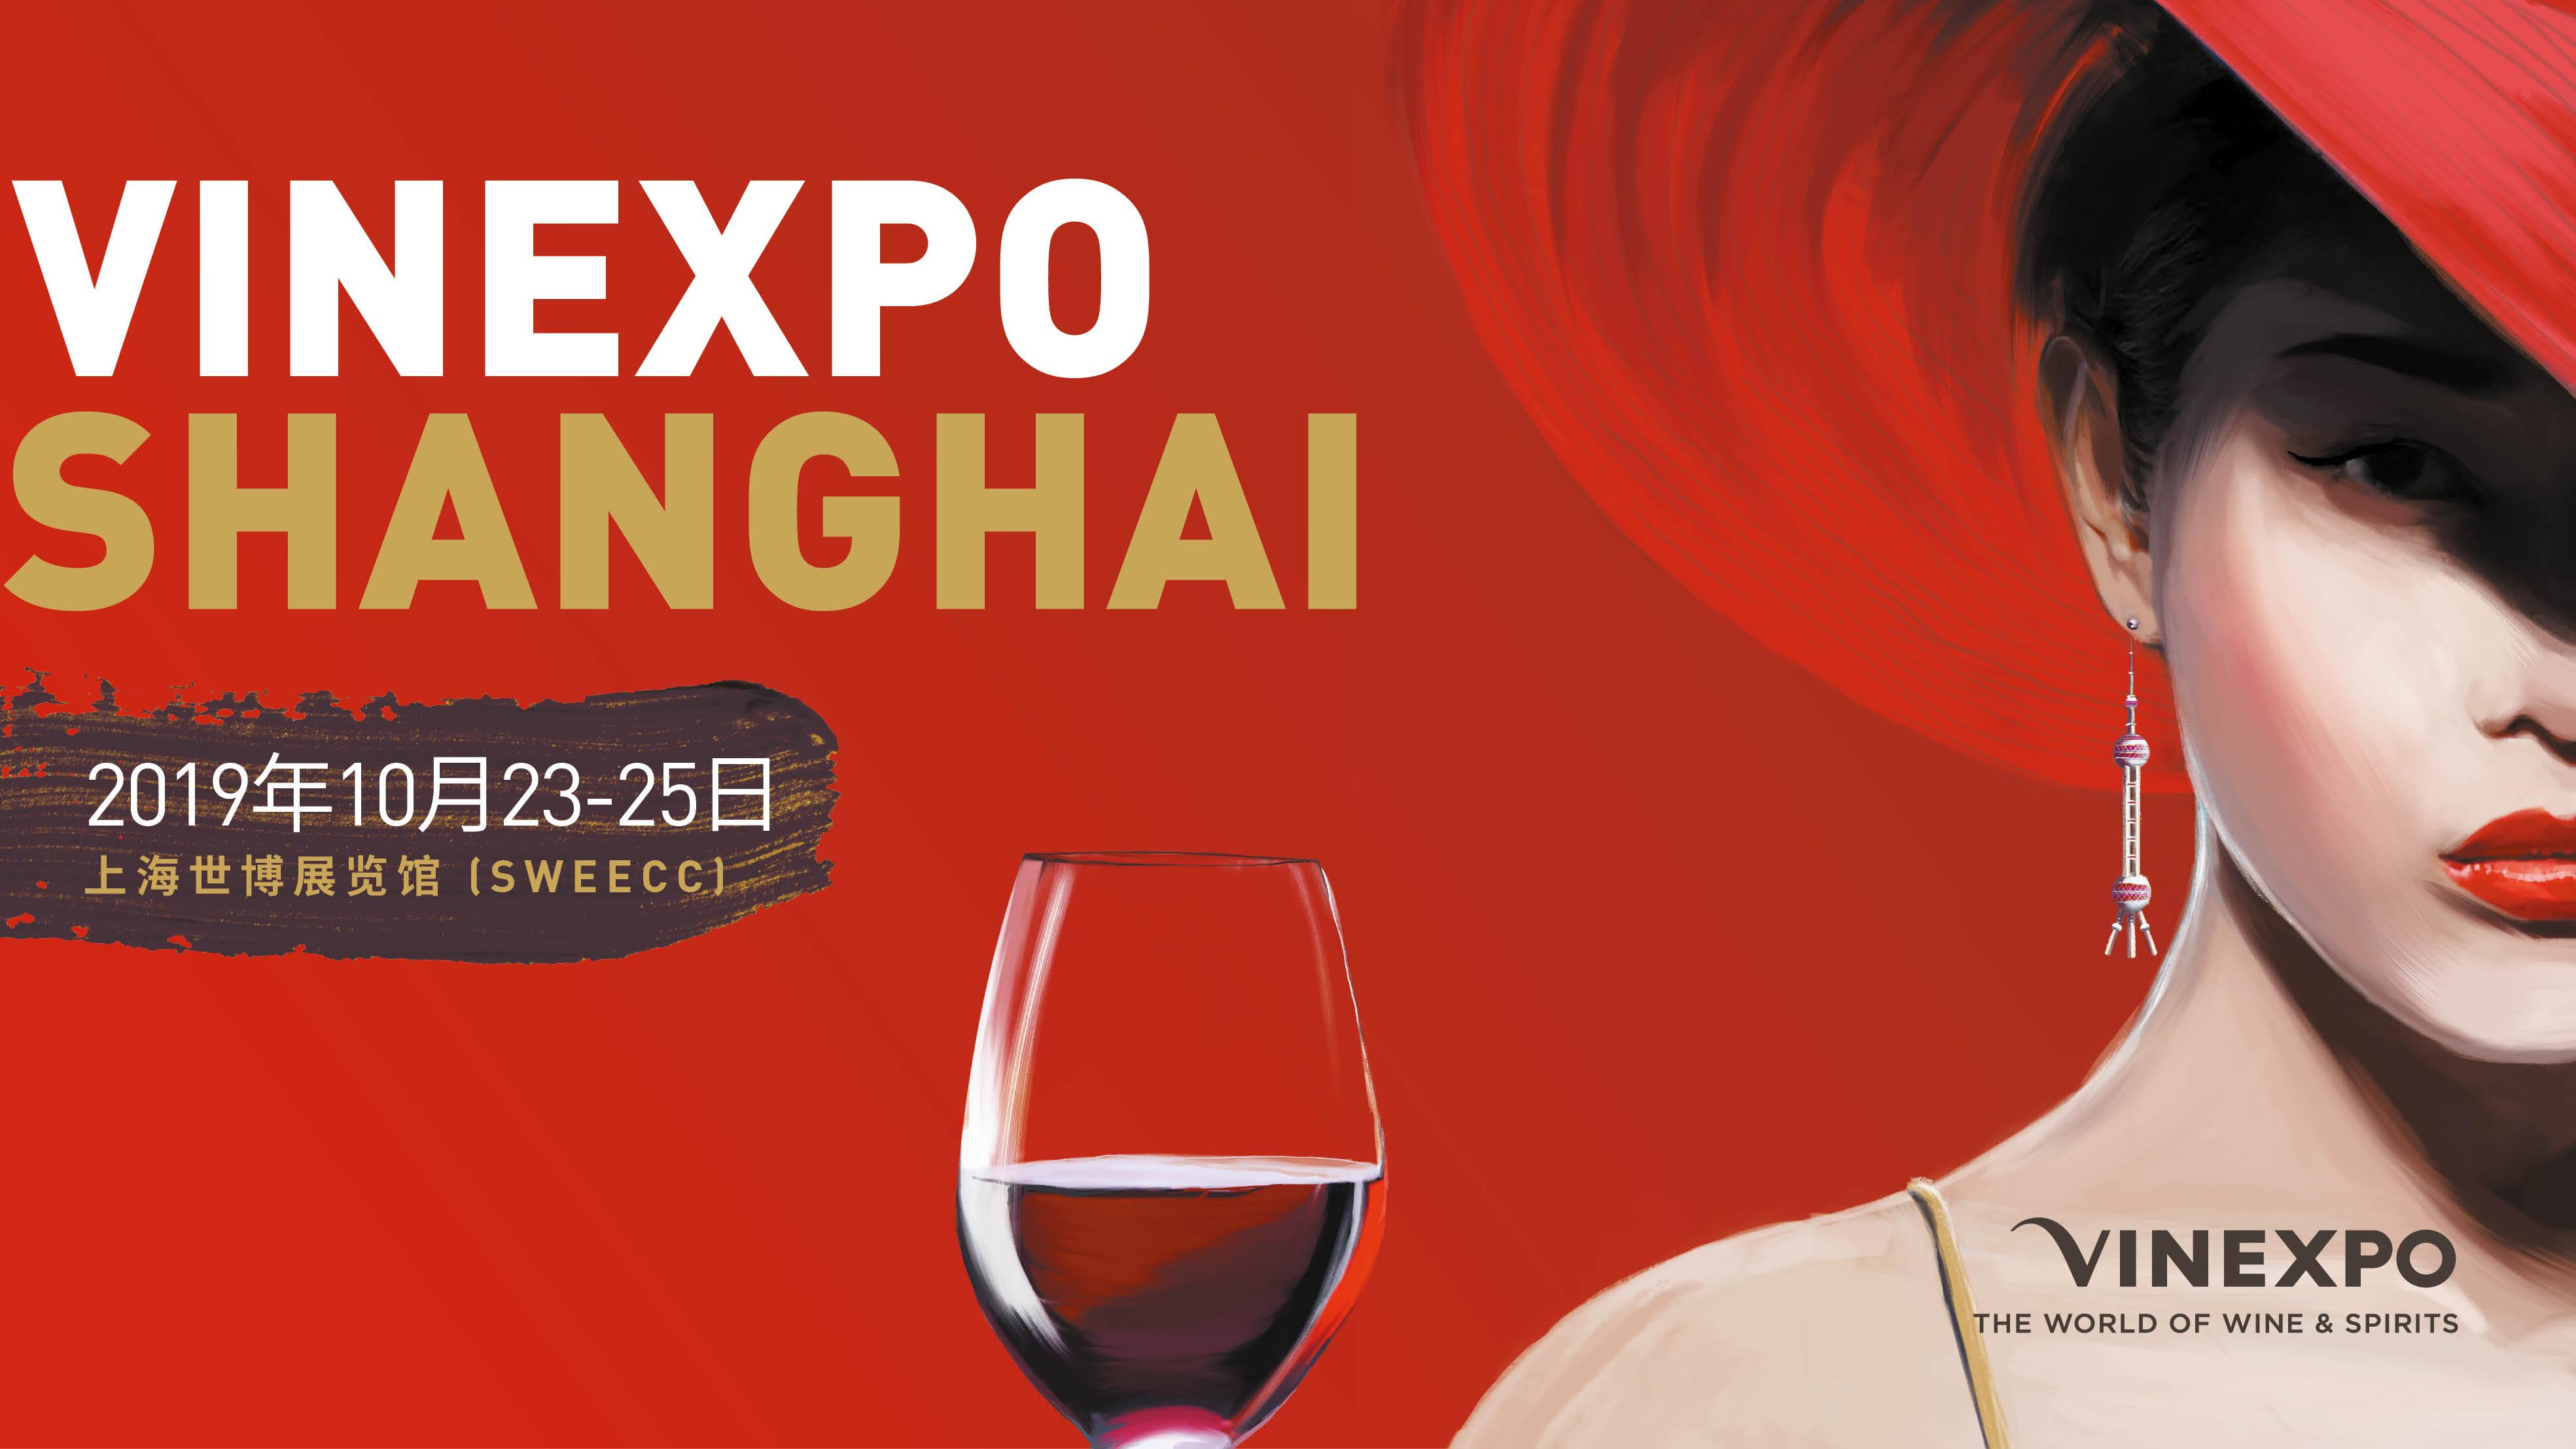 3月12日,国际葡萄酒与烈酒展Vinexpo2019年度前瞻发布会在上海举行。Vinexpo主席Christophe Navarre与销售总监Mathieu Vanhalst向中国的专业人士,媒体介绍了2019Vinexpo波尔多、Vinexpo上海的亮点。今年Vinexpo将首次来到上海办展。会上还发布了《Vinexpo/IWSR酒类市场消费报告》,预测中国有望在未来五年内,取代法国,成为全球第二大葡萄酒消费市场。